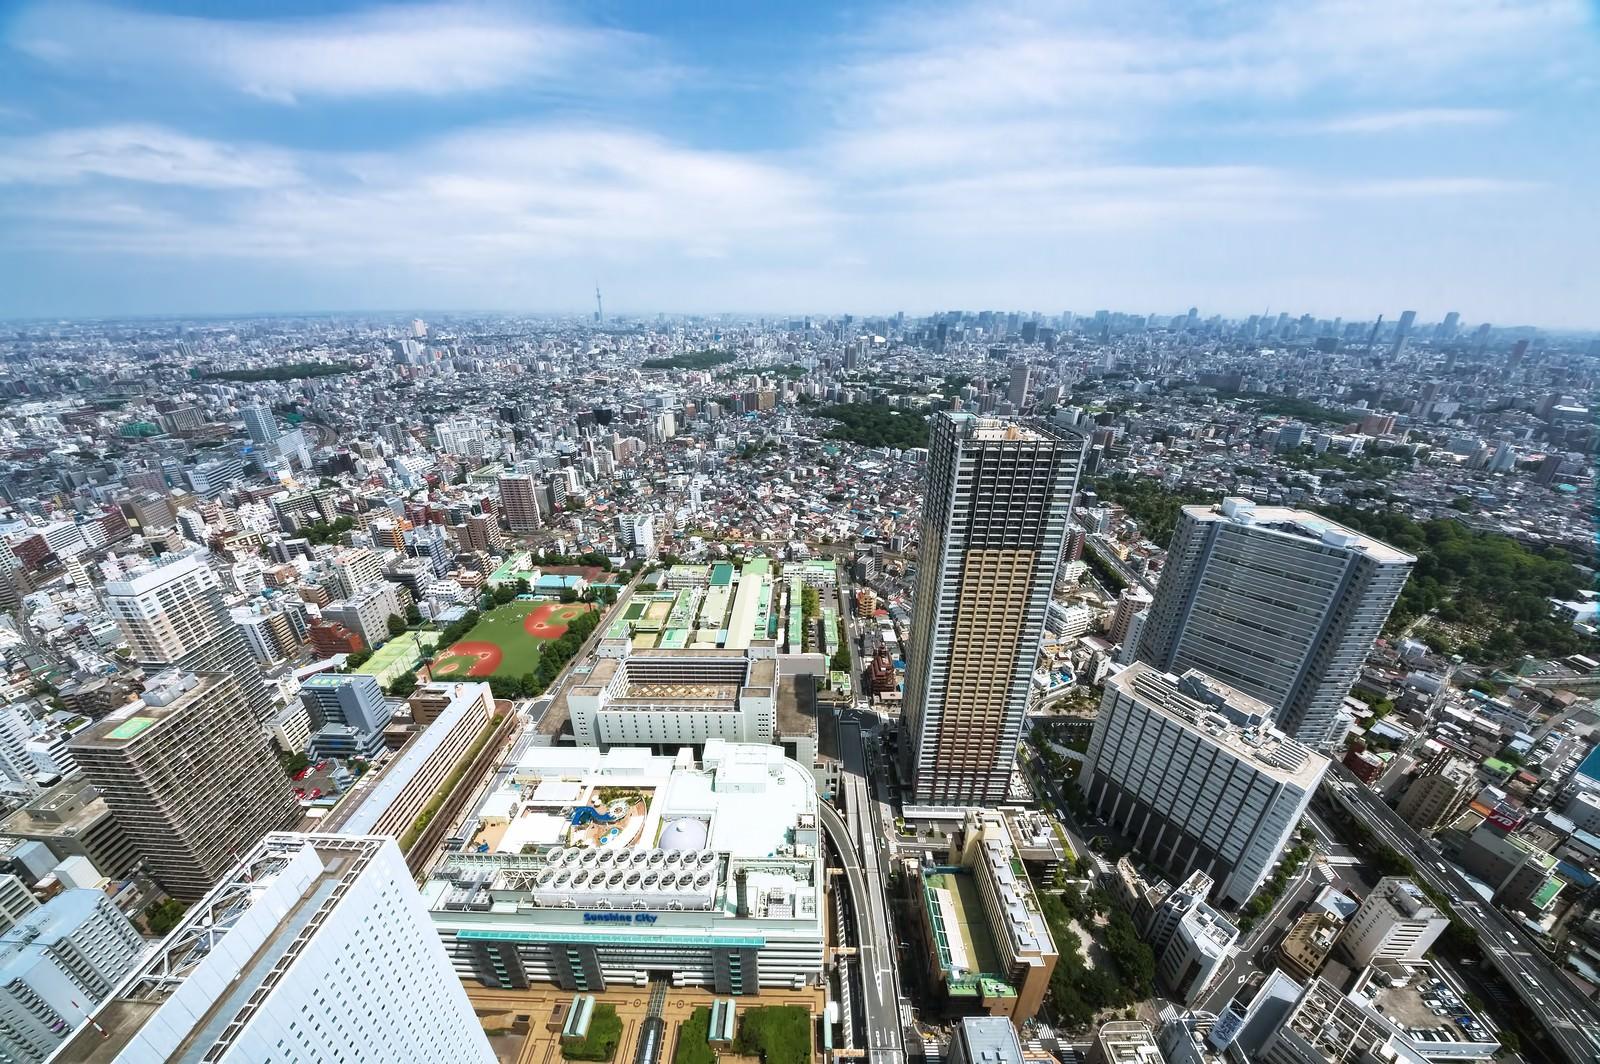 「サンシャイン60からスカイツリーや新宿を一望」の写真